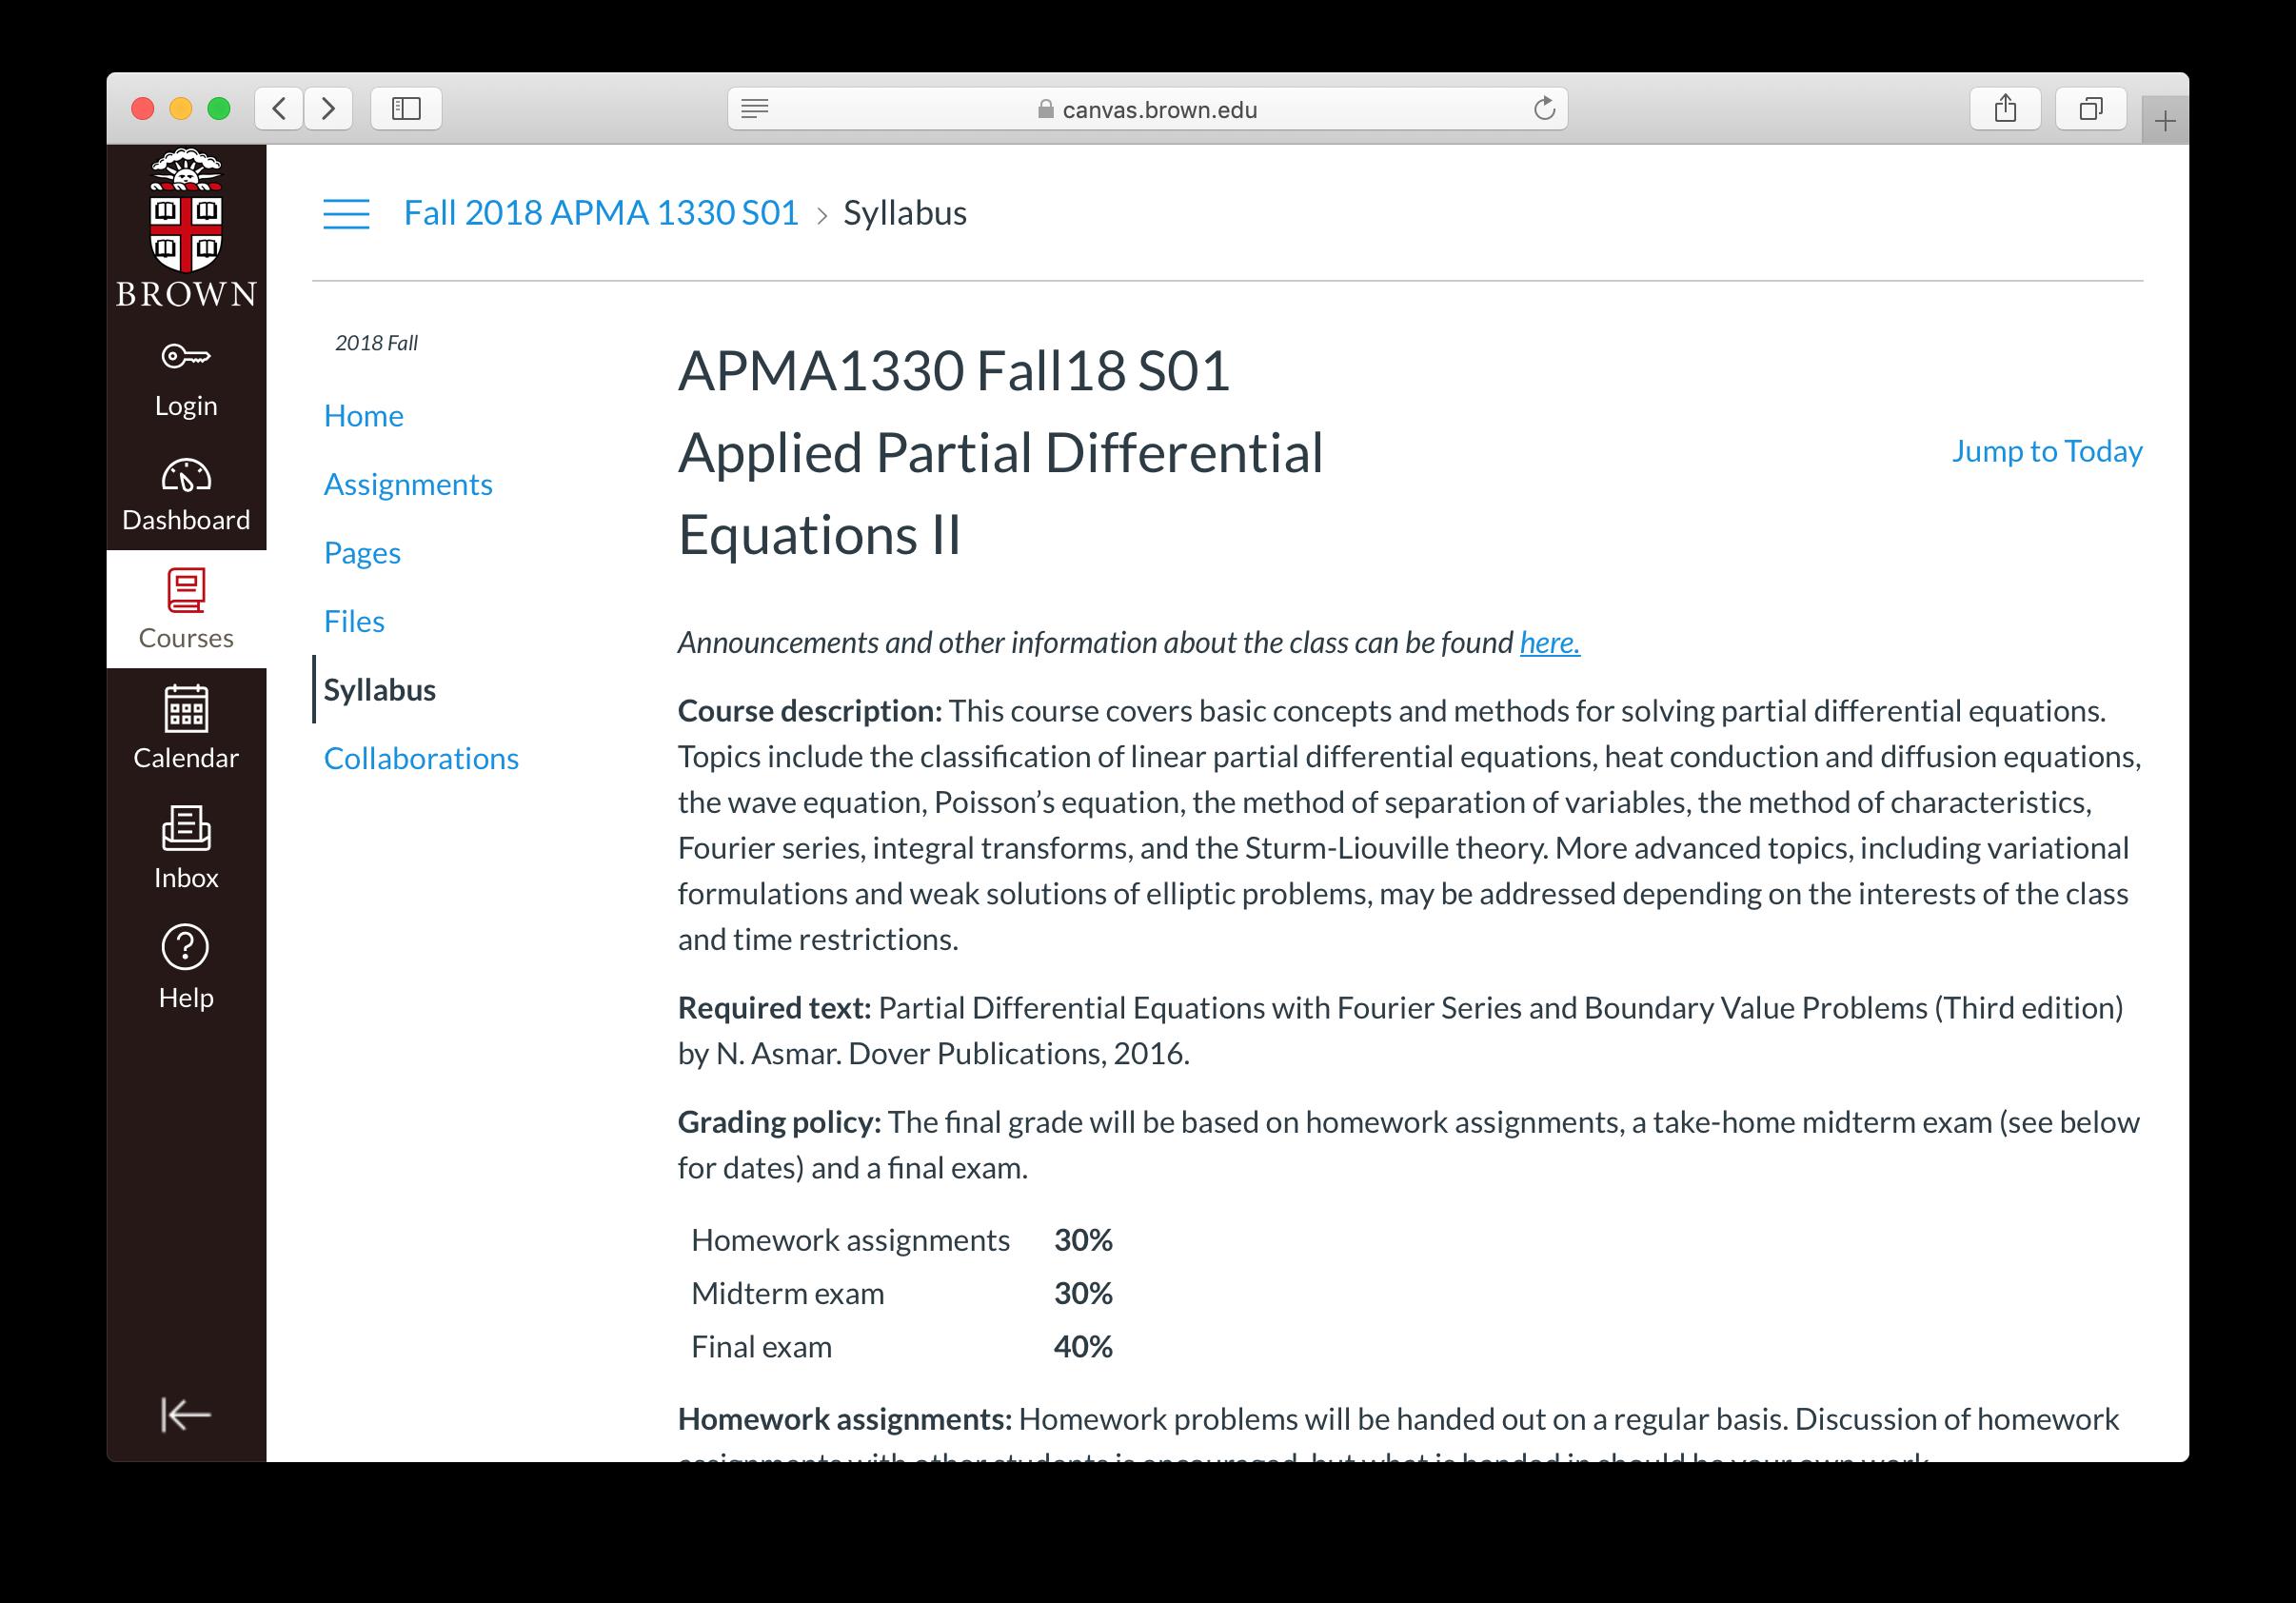 APMA1330